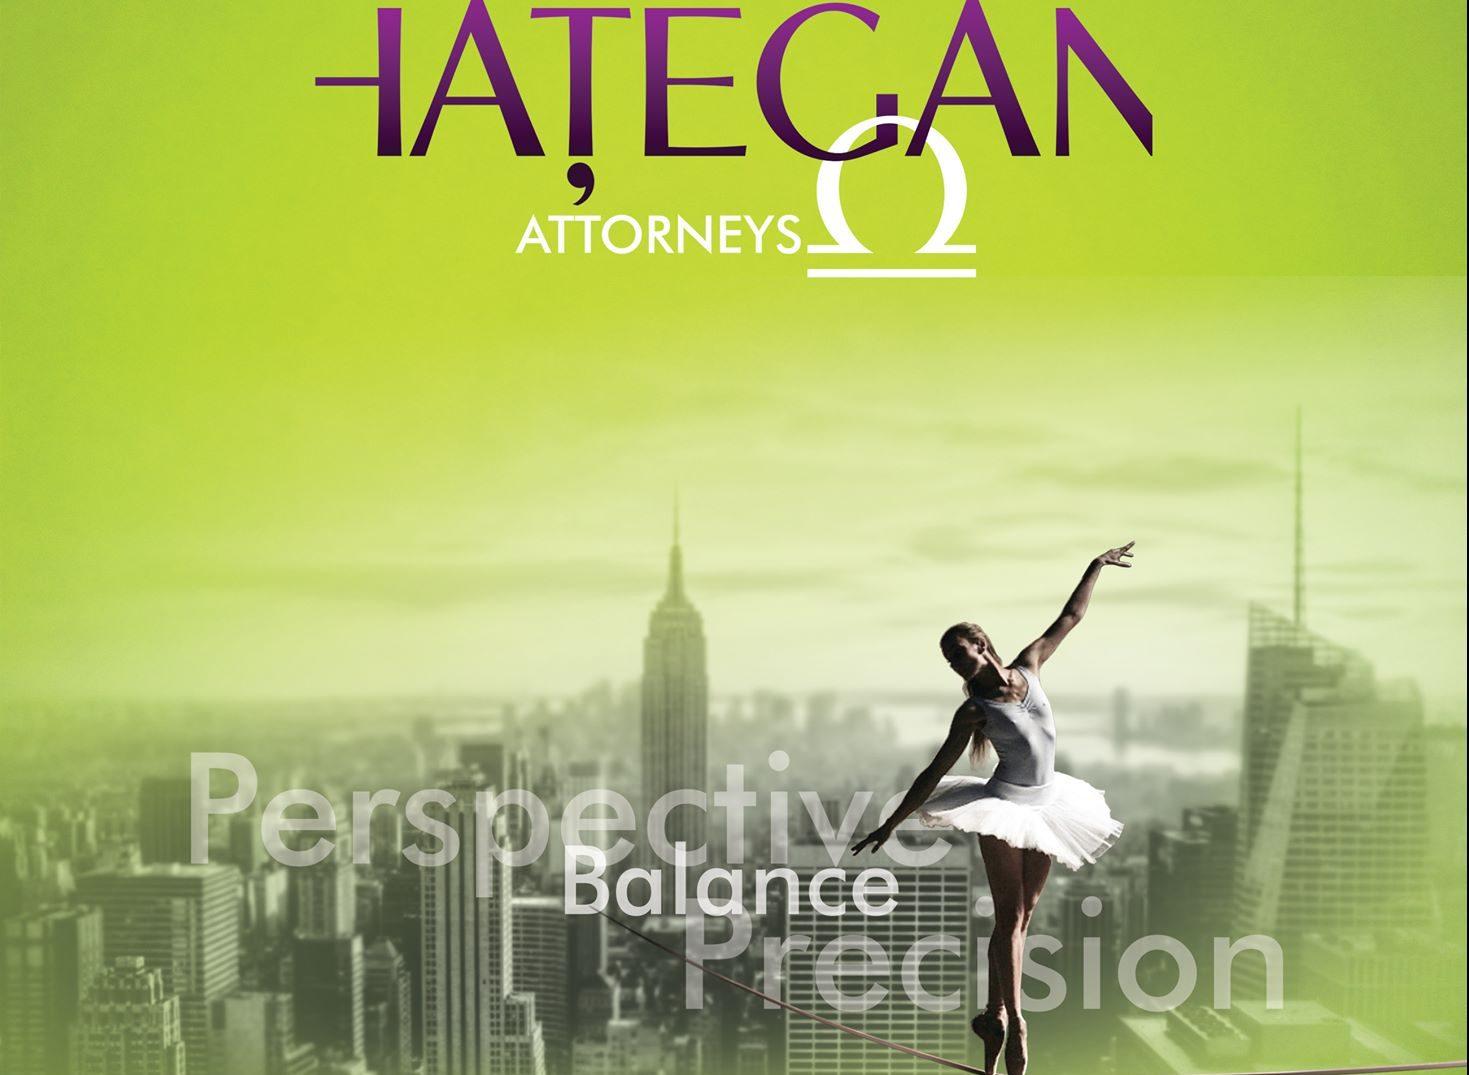 Hațegan Attorneys promovează doi avocaţi şi face noi angajări